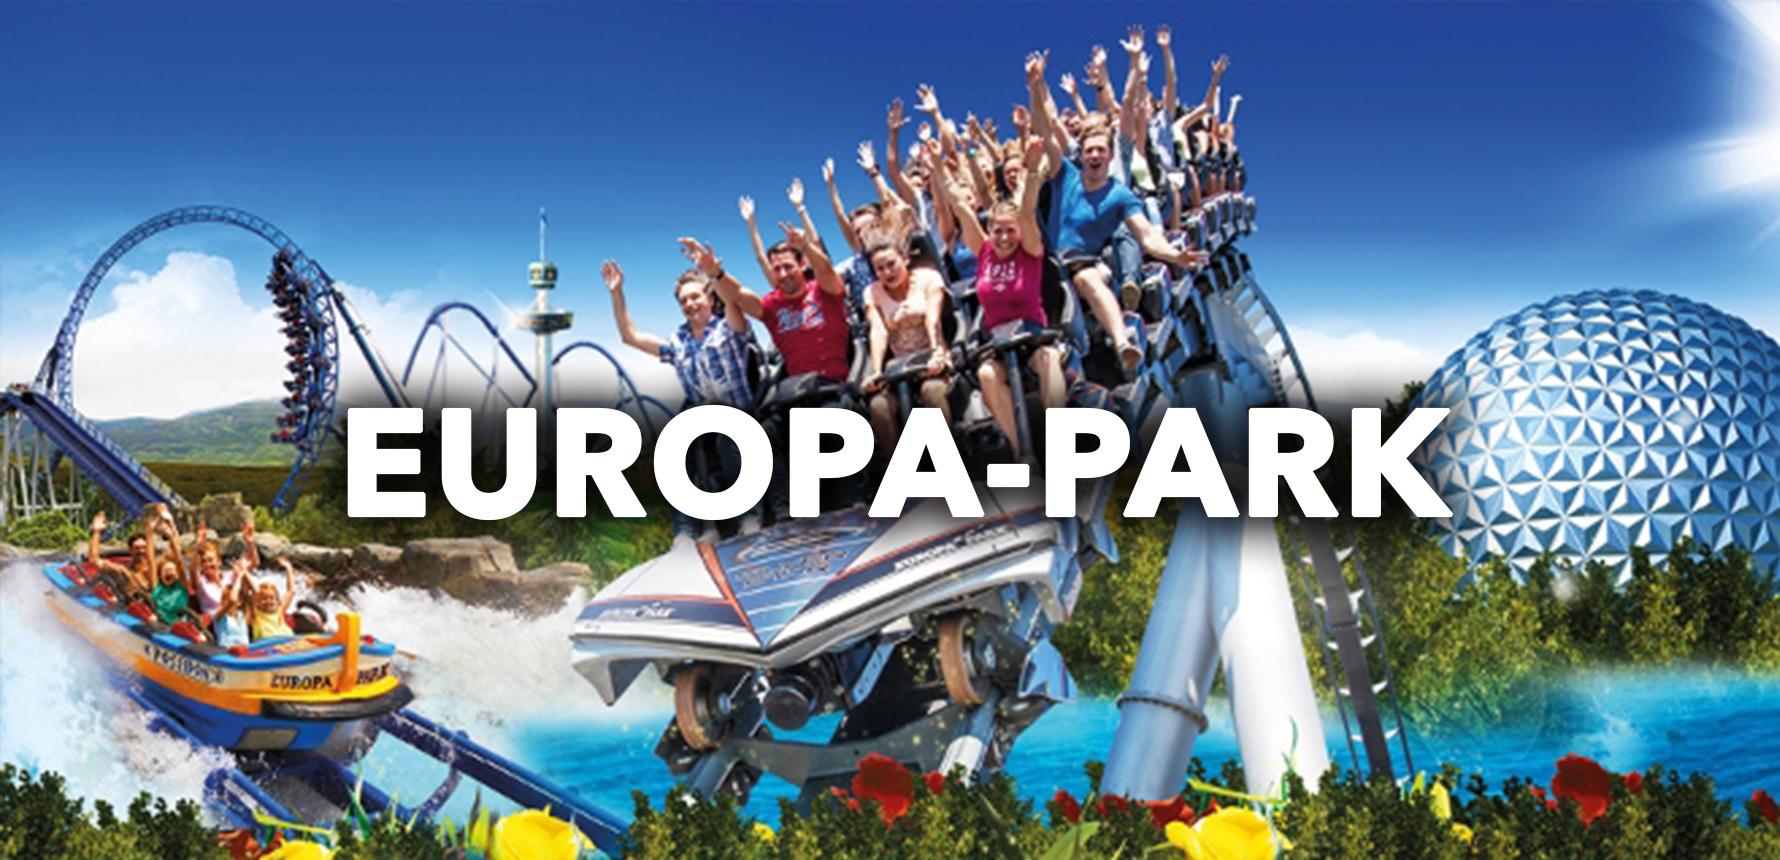 Nos séjours à Europa-Park